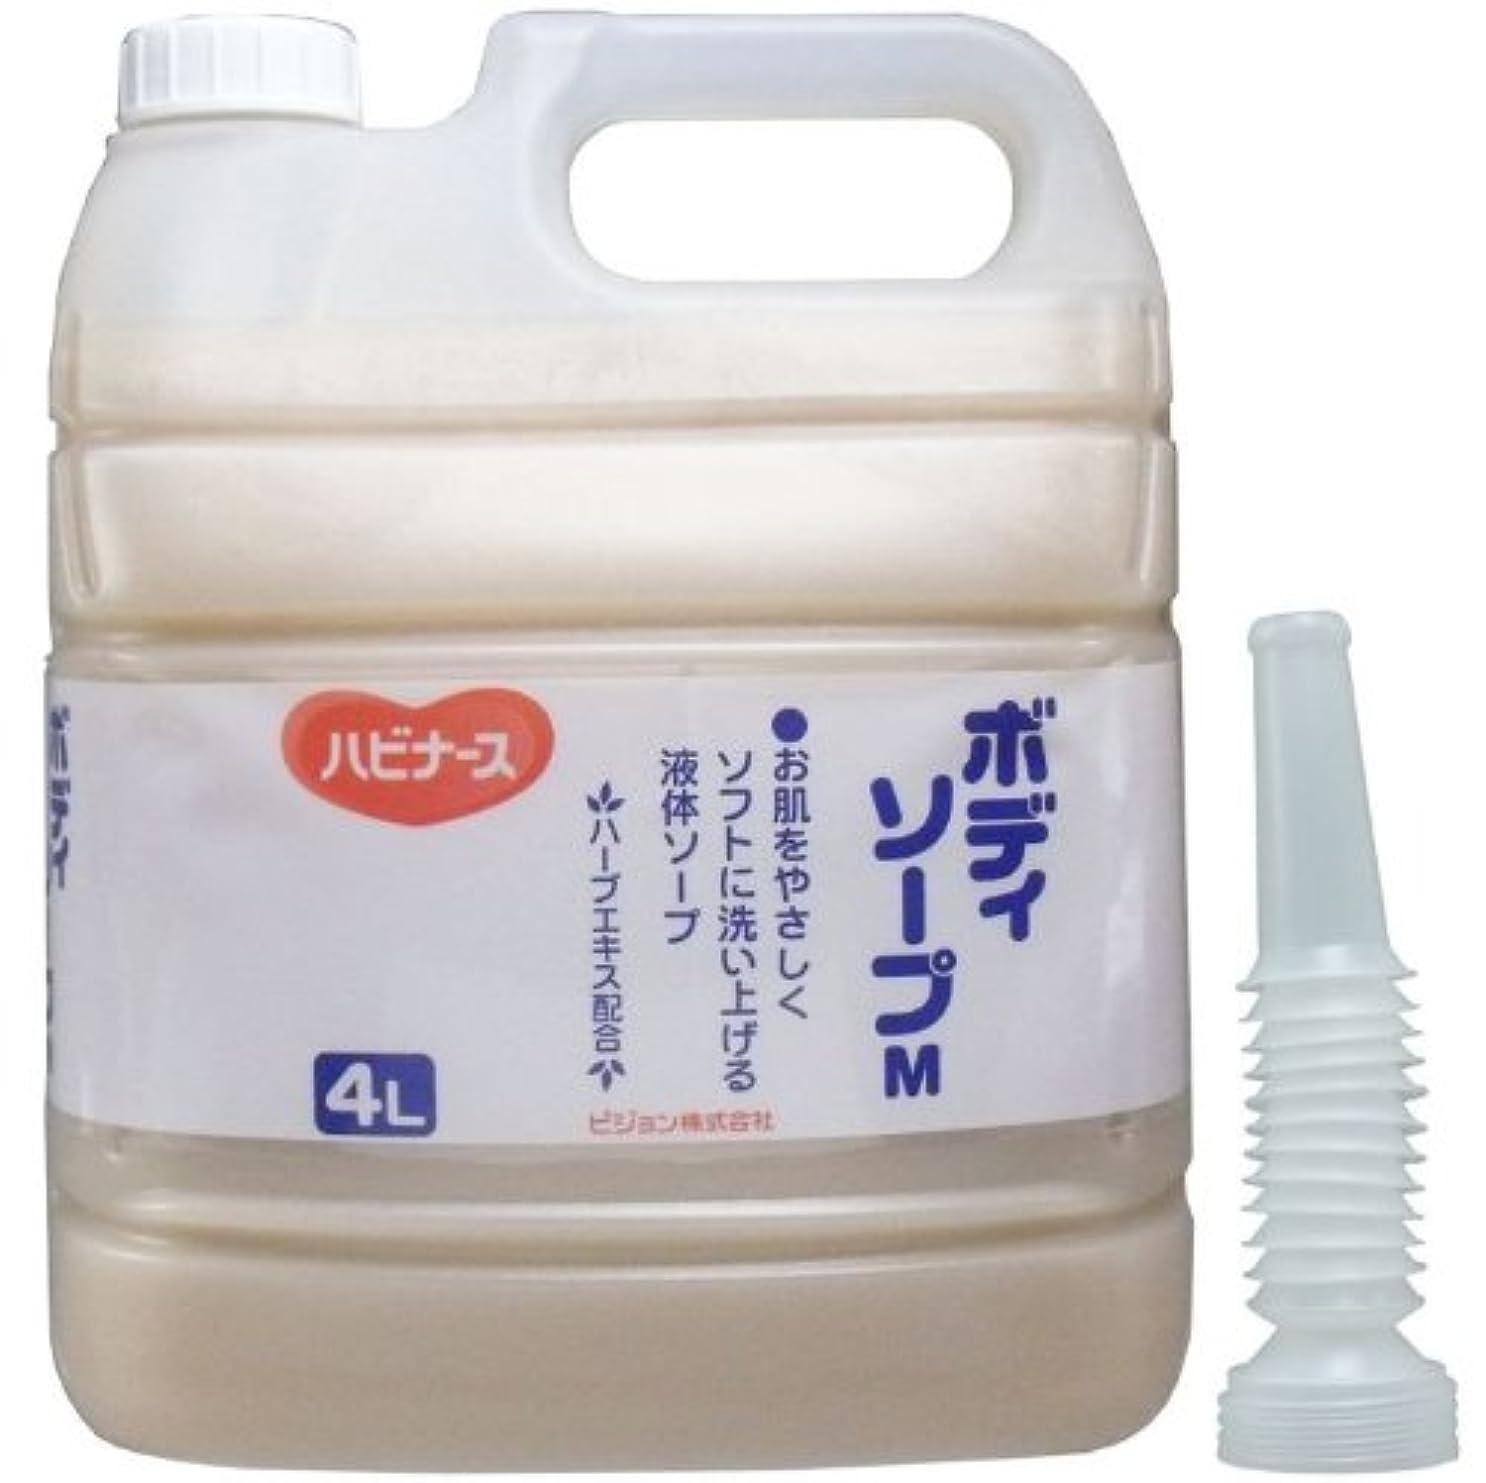 振るうぼかす液体ソープ ボディソープ 風呂 石ケン お肌をやさしくソフトに洗い上げる!業務用 4L【3個セット】